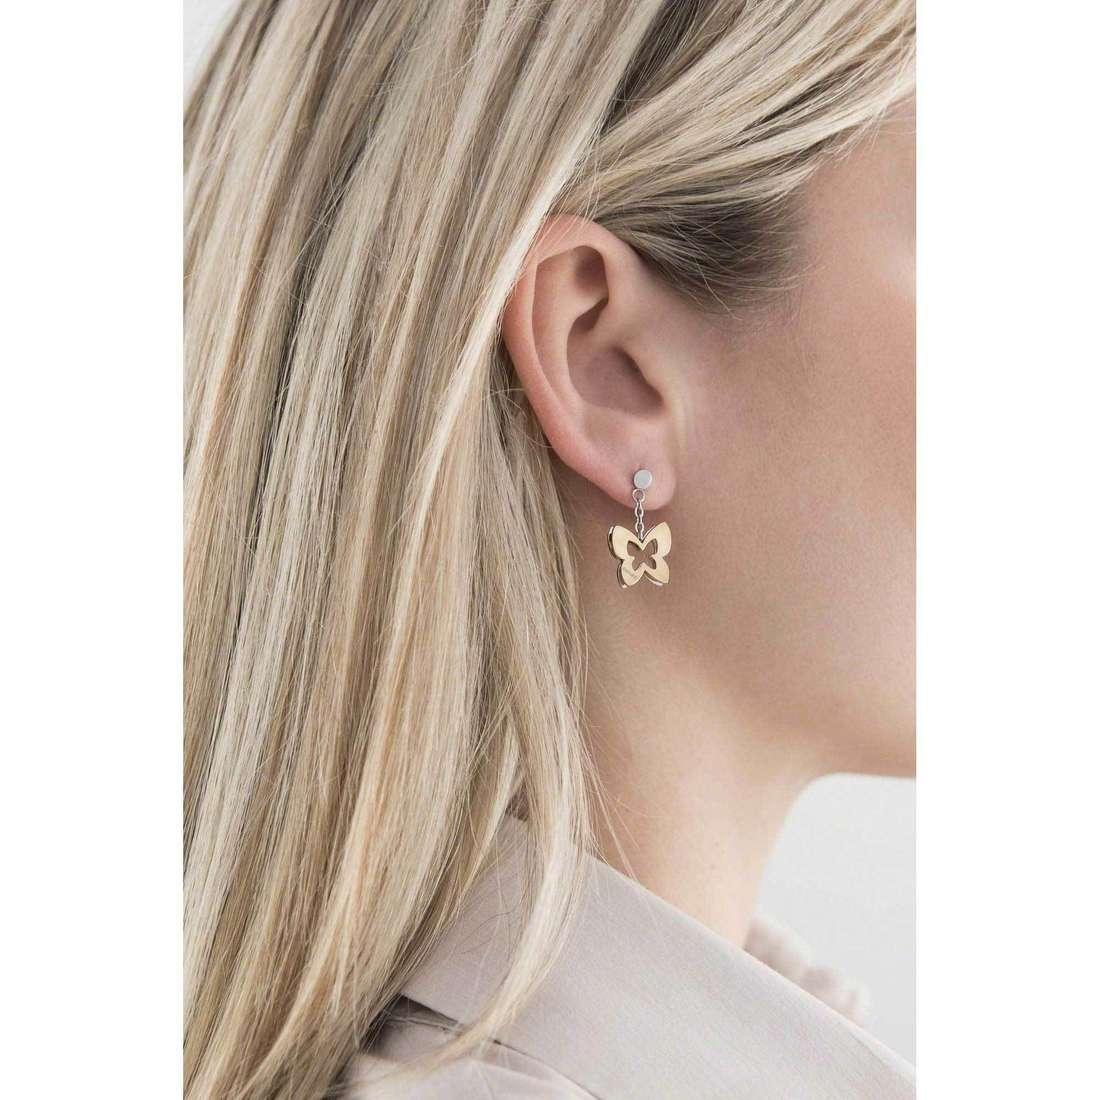 Sagapò boucles d'oreille BUTTERFLY femme SBF21 indosso